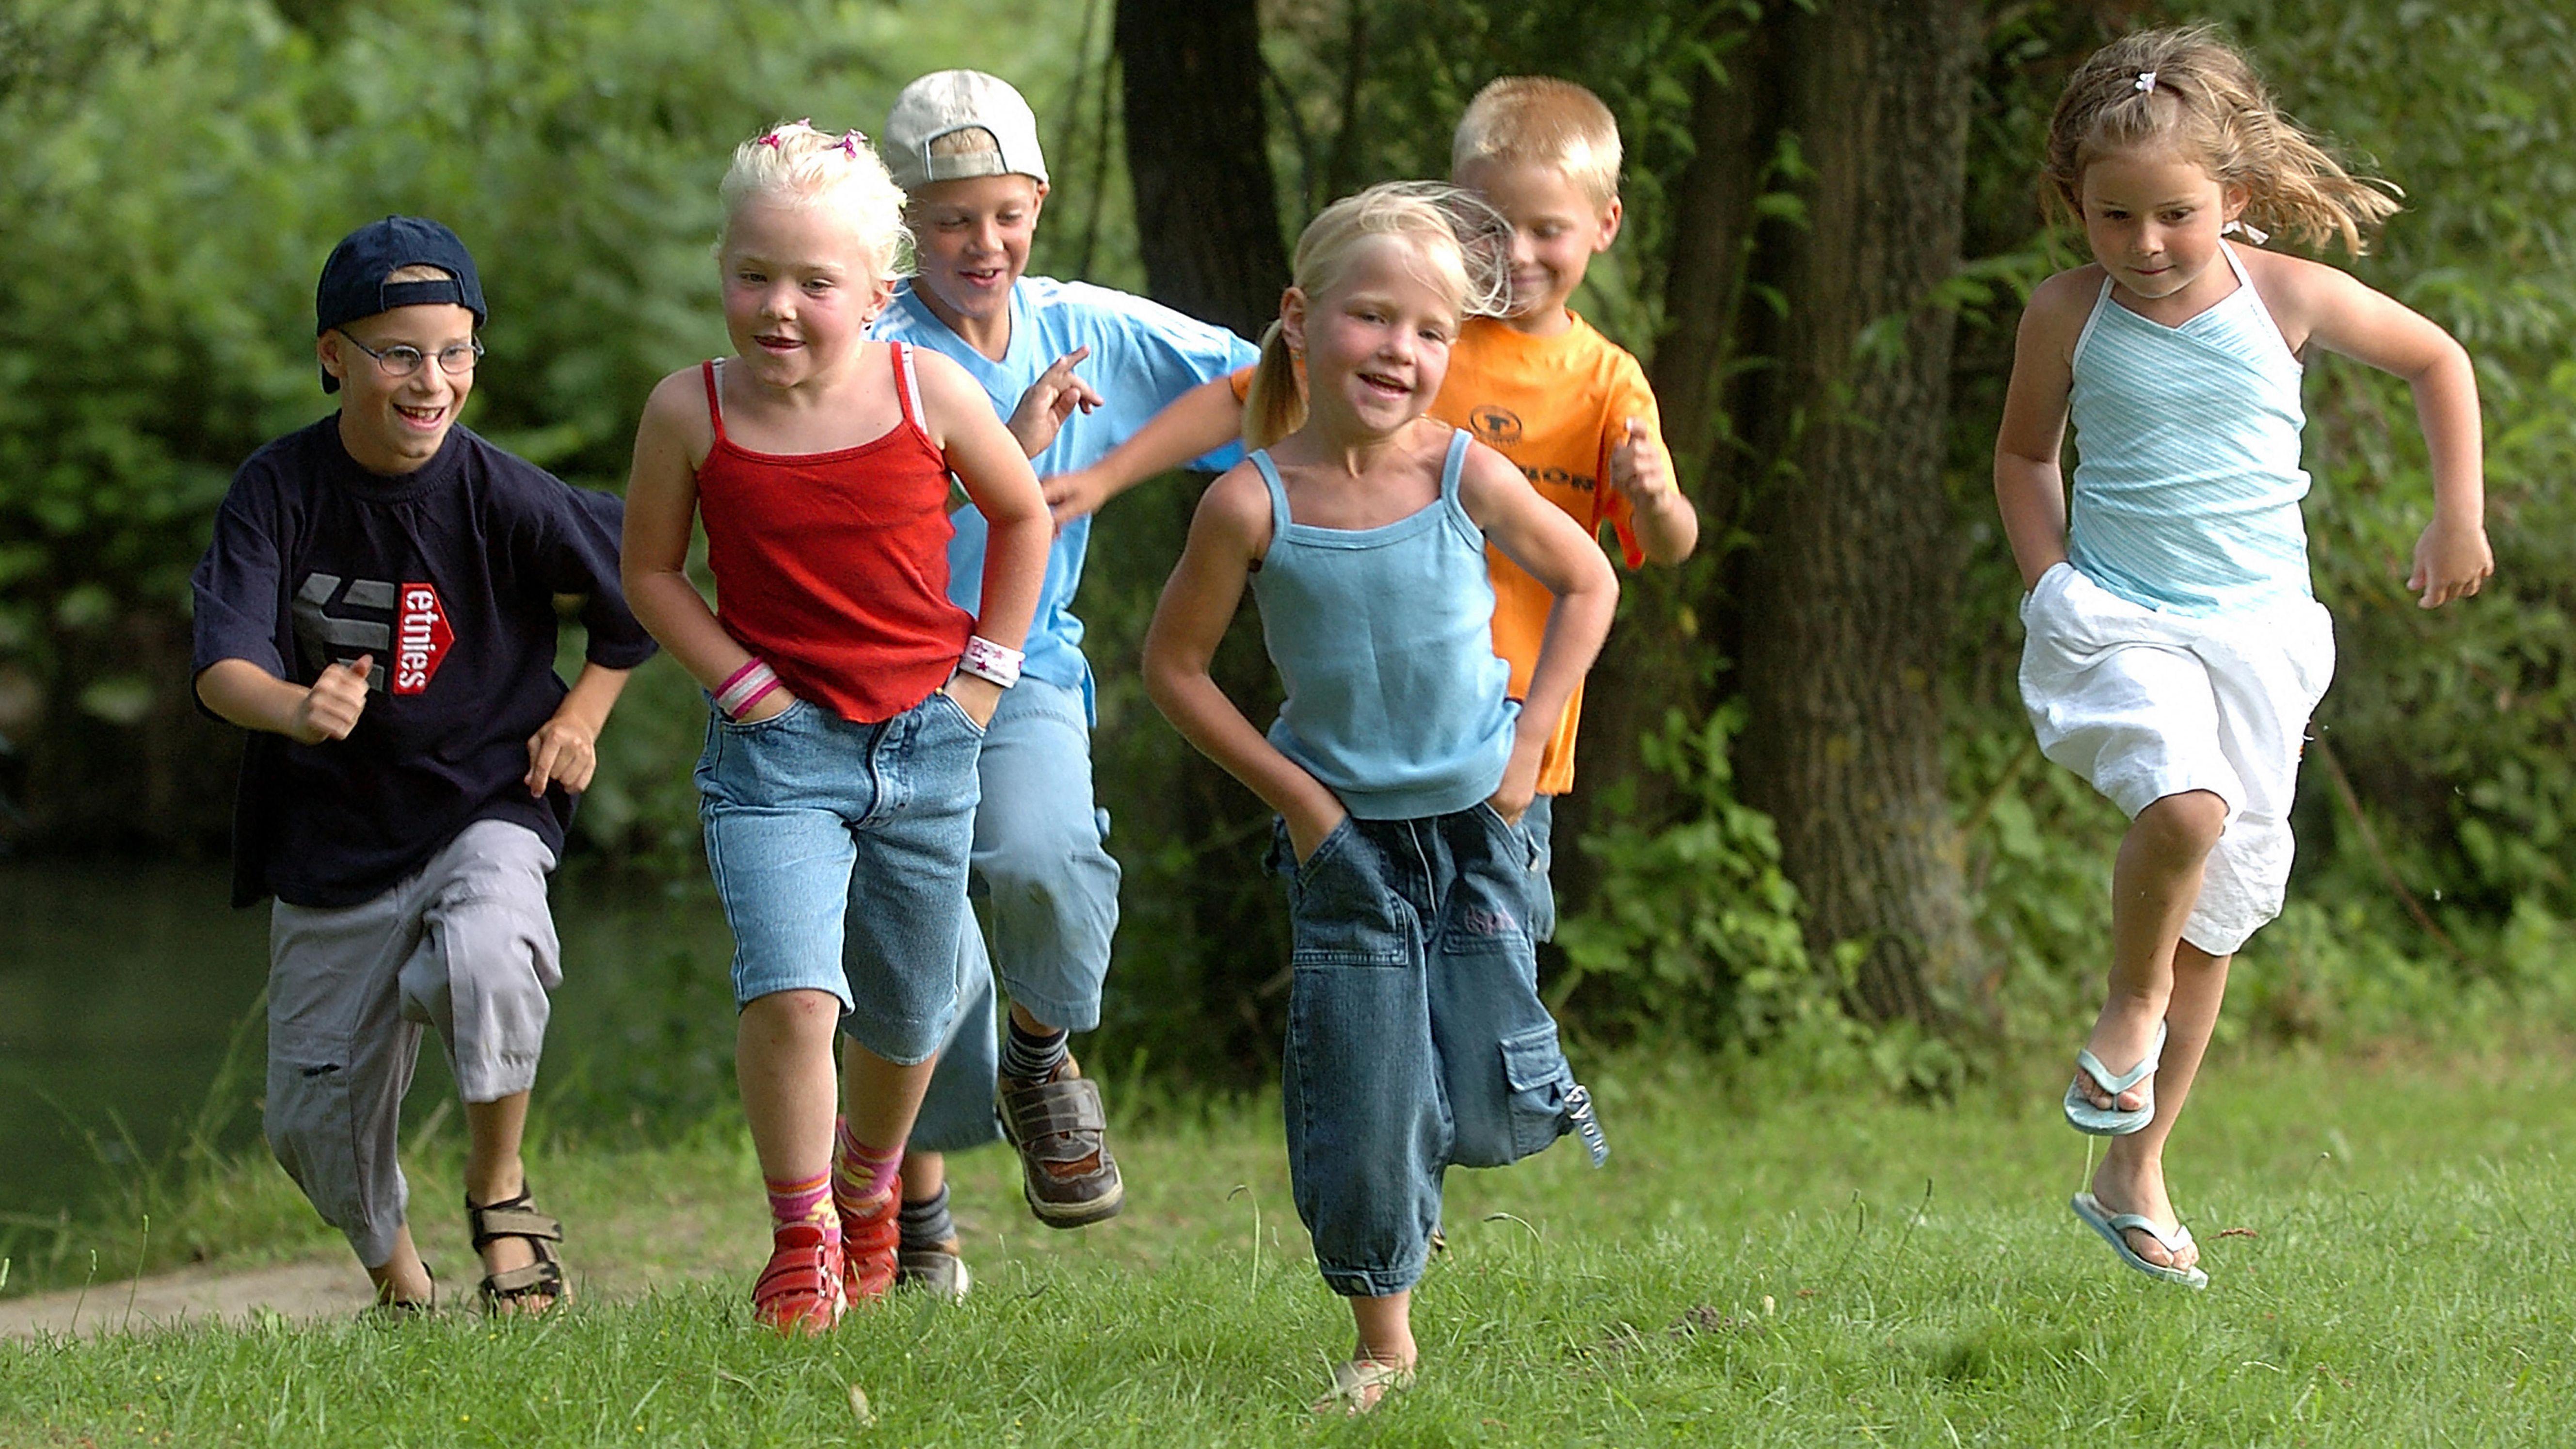 Kinder laufen in einem Park über eine Wiese